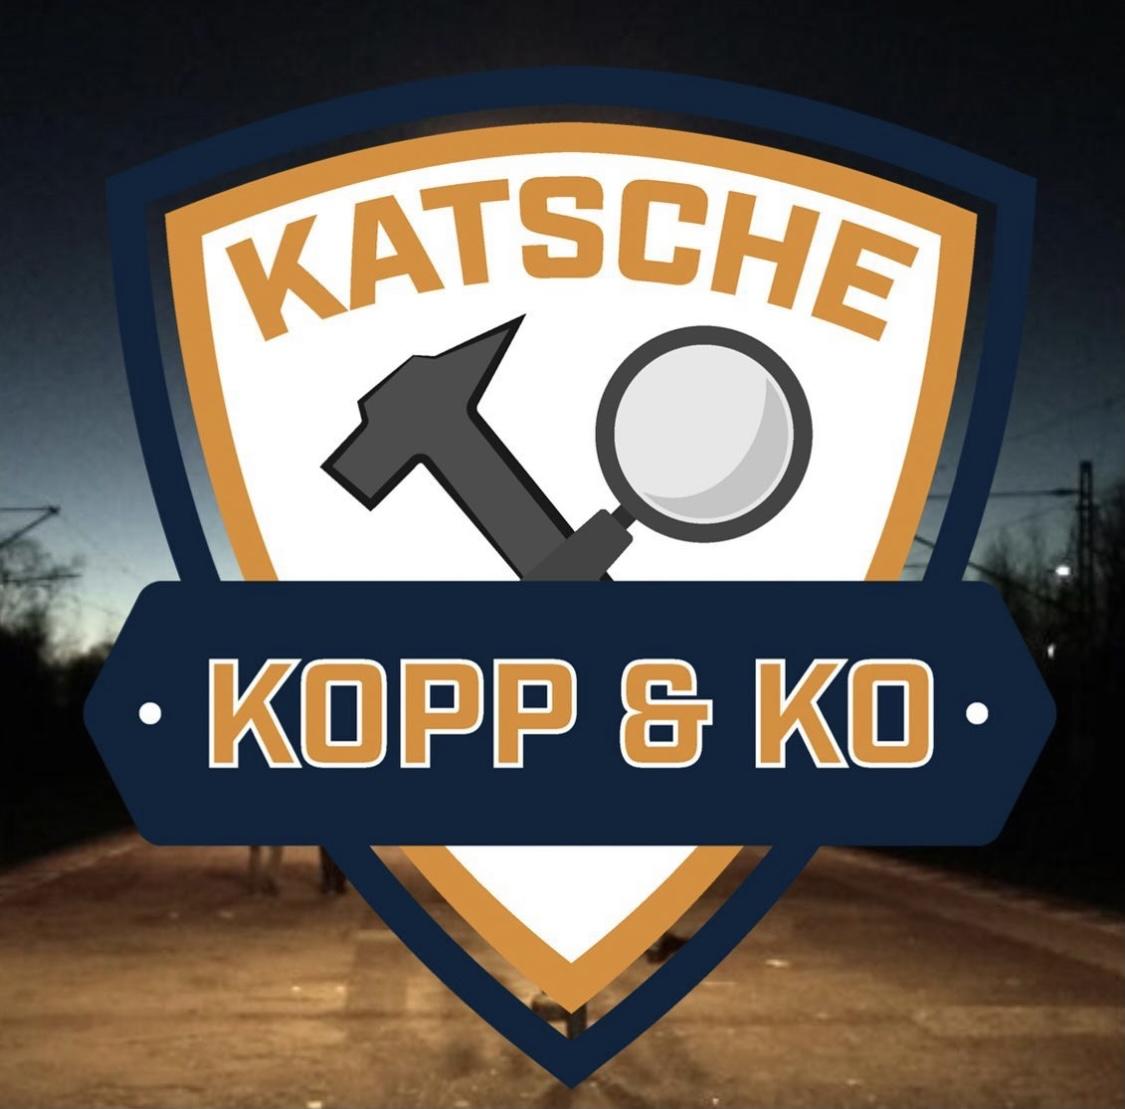 WDR Hörspiel: Katsche, Kopp und Ko - Detektive wider Willen